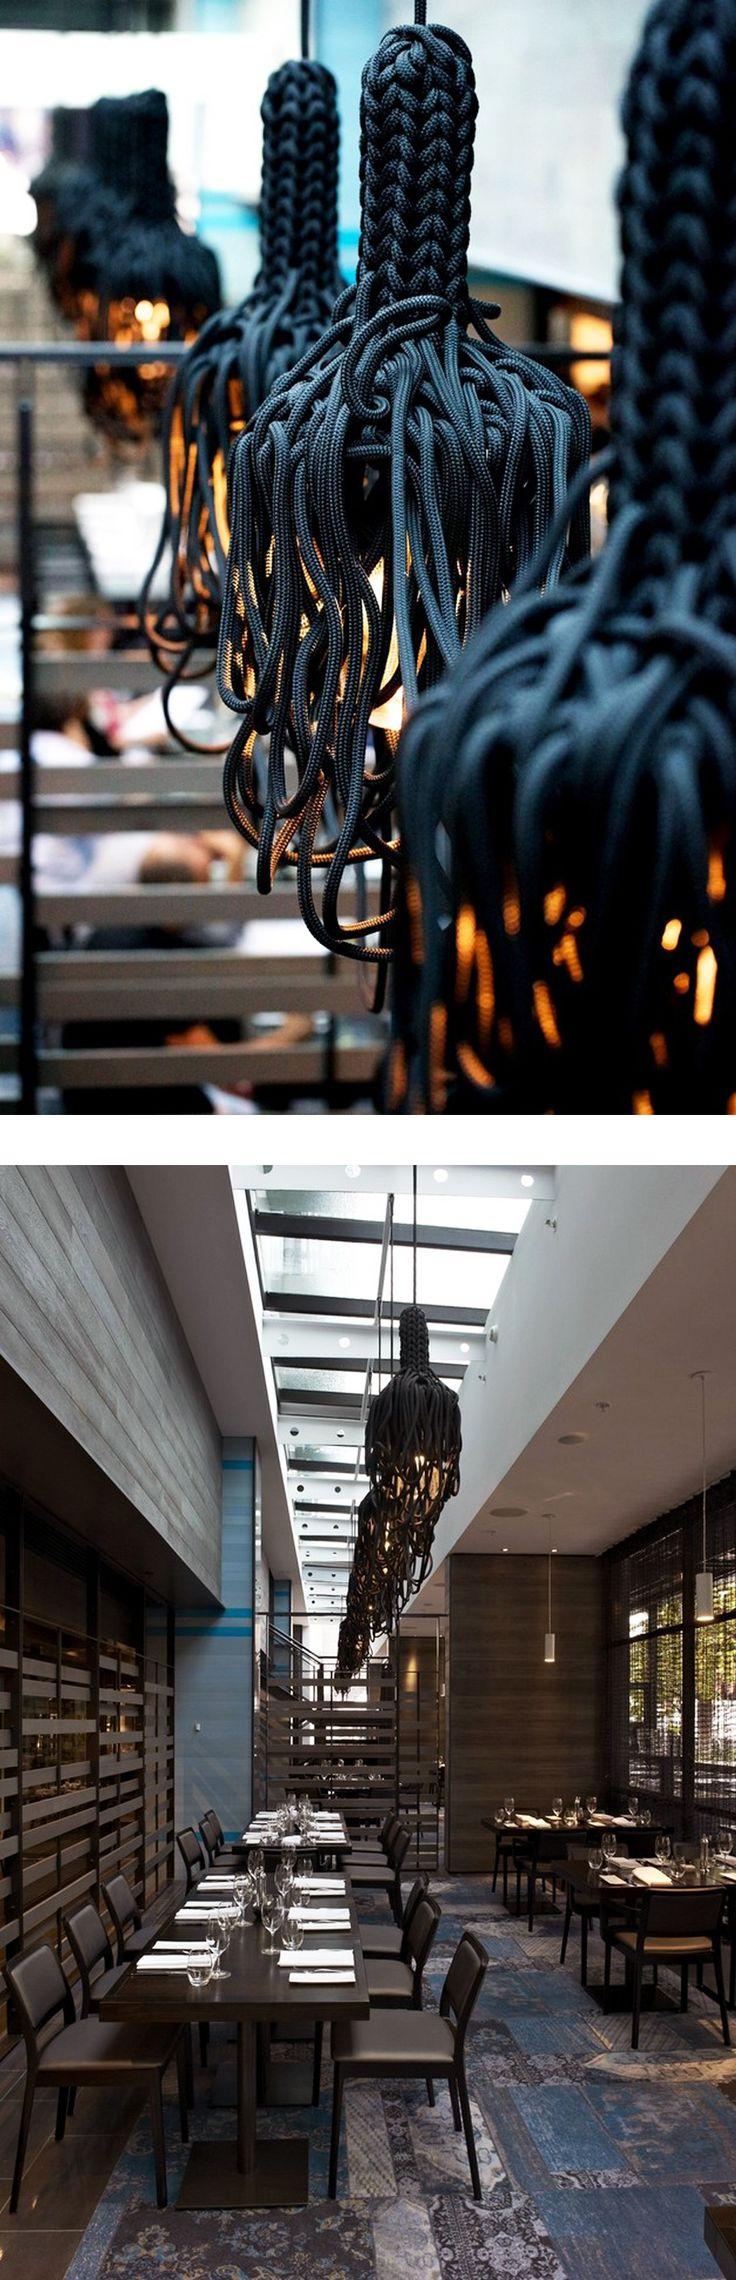 Rope pendant lights - nautical theme -The Atlantic Restaurant, Melbourne - BlackMilk interior design